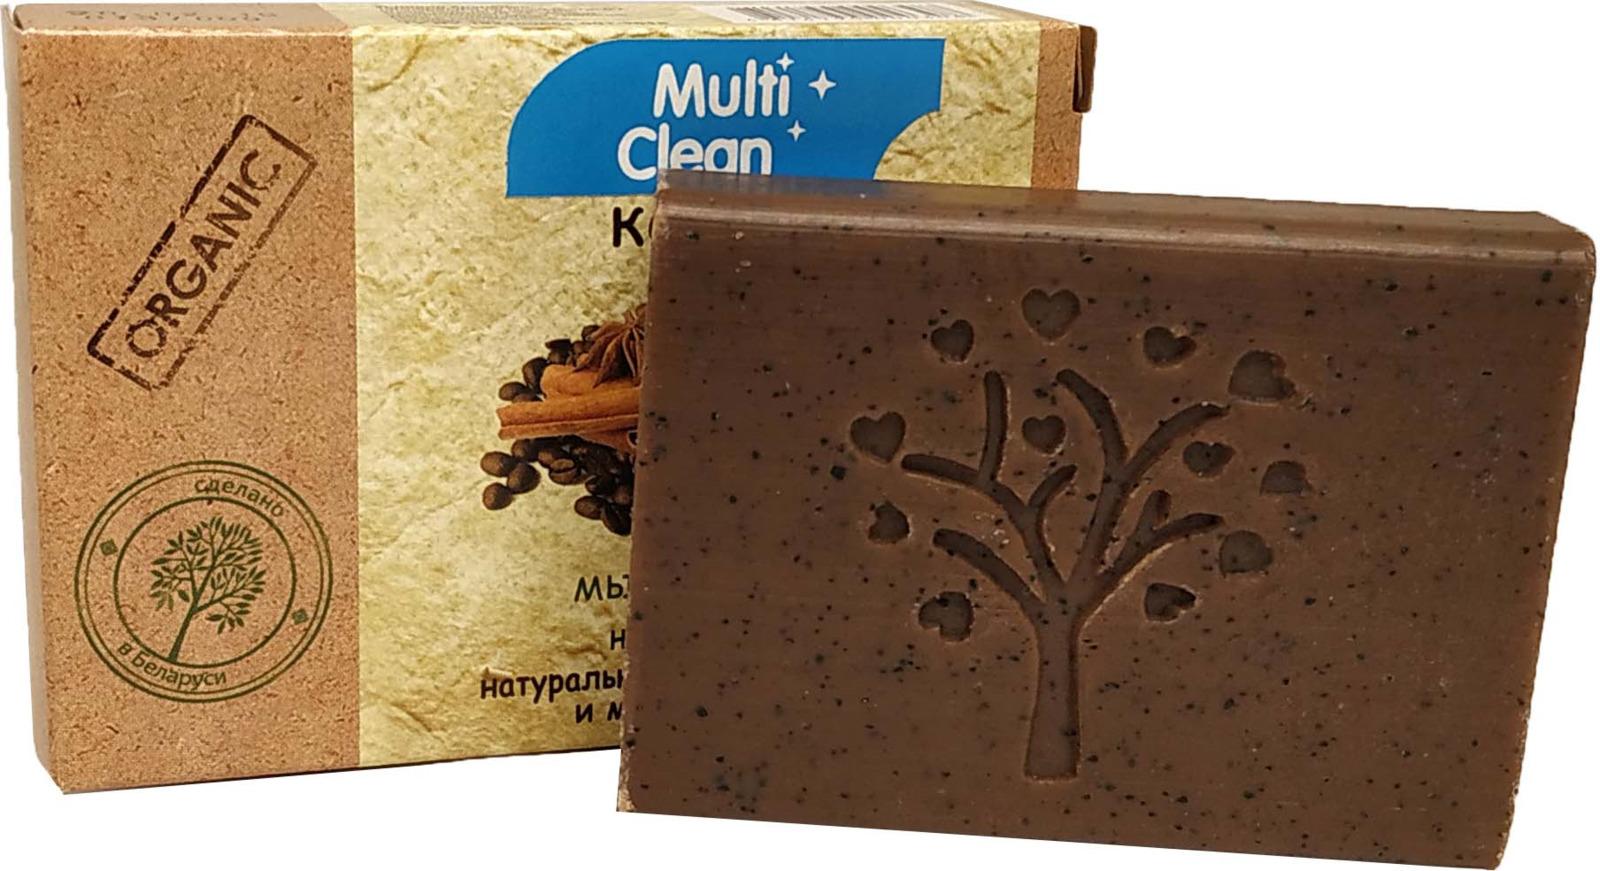 Мыло-скраб туалетное твердое MultiClean Organic. Кофе, 90 г l occitane bonne mеre мыло туалетное молоко bonne mеre мыло туалетное молоко